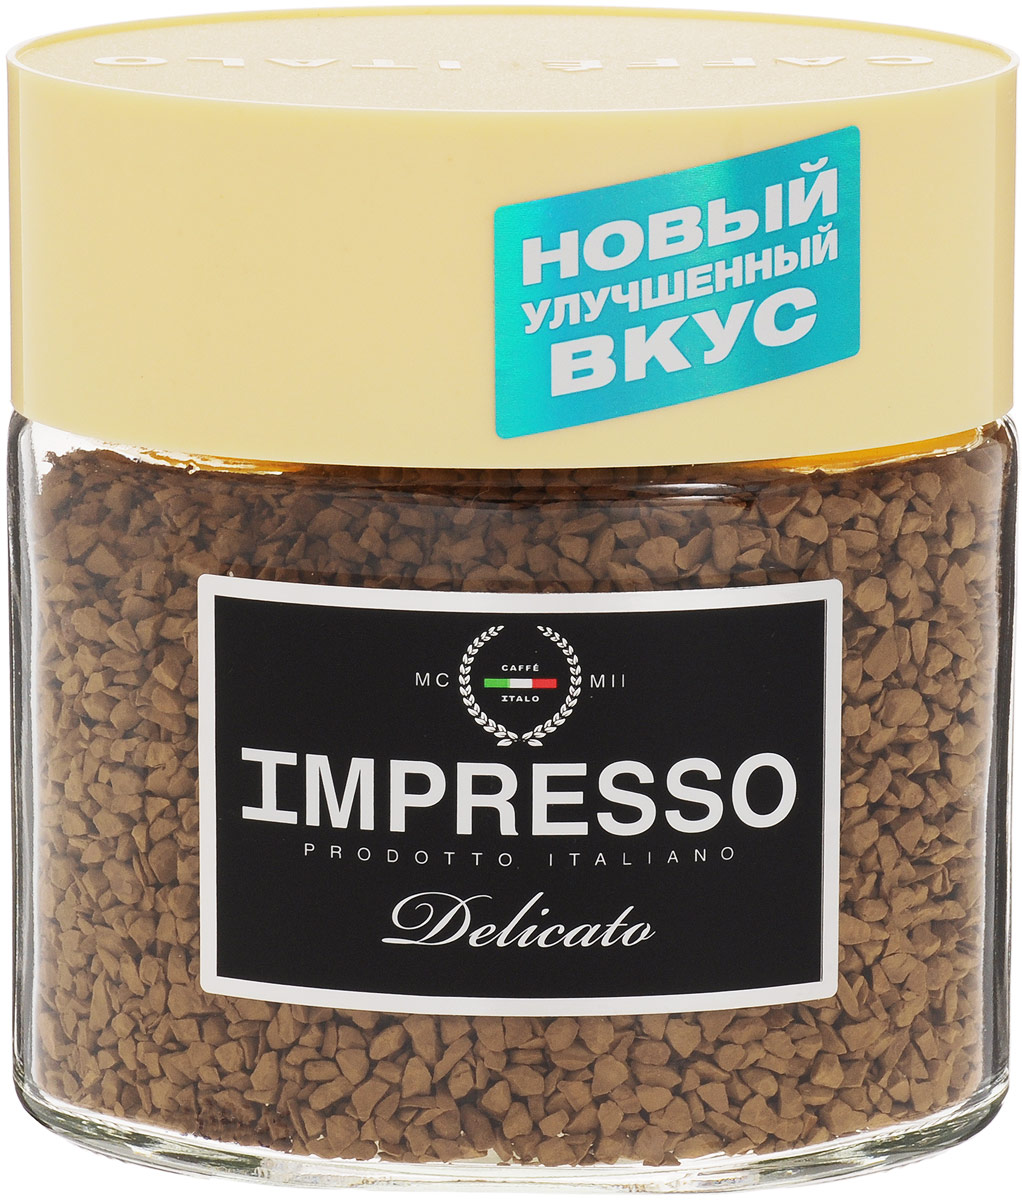 Impresso Delicato кофе растворимый, 100 г (банка)8057288870025Impresso Delicato - настоящий итальянский кофе, который восхищает полнотой вкуса и быстротой приготовления.В купаж кофе вошли сорта арабики из Бразилии и Ямайки с деликатным насыщенным вкусом.Уважаемые клиенты! Обращаем ваше внимание на то, что упаковка может иметь несколько видов дизайна. Поставка осуществляется в зависимости от наличия на складе.Кофе: мифы и факты. Статья OZON Гид